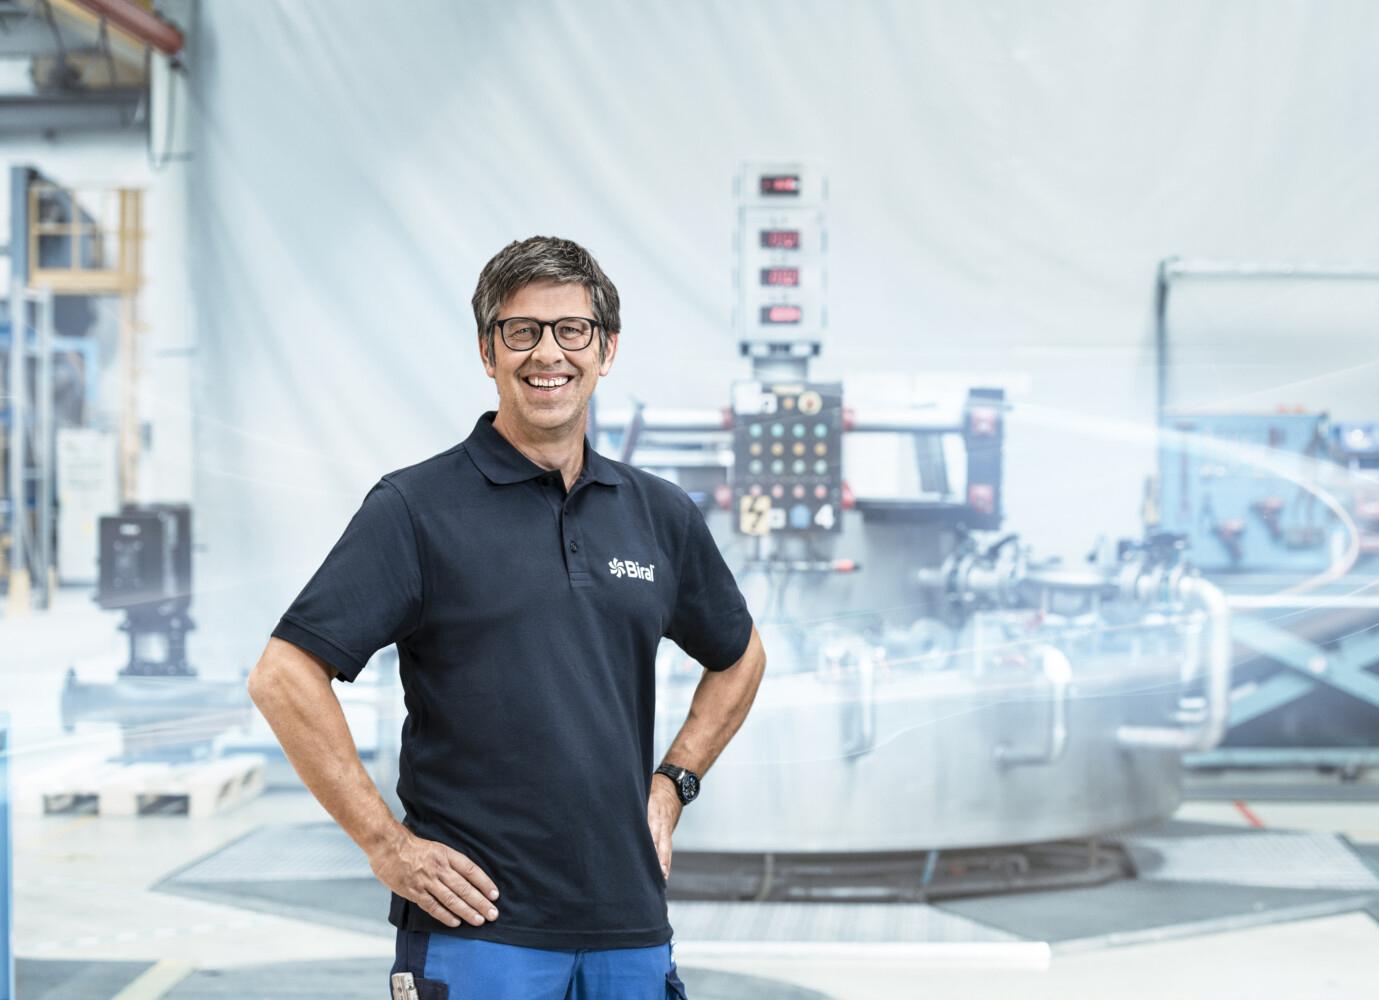 Melchior Zürcher, Directeur de la production et de la logistique